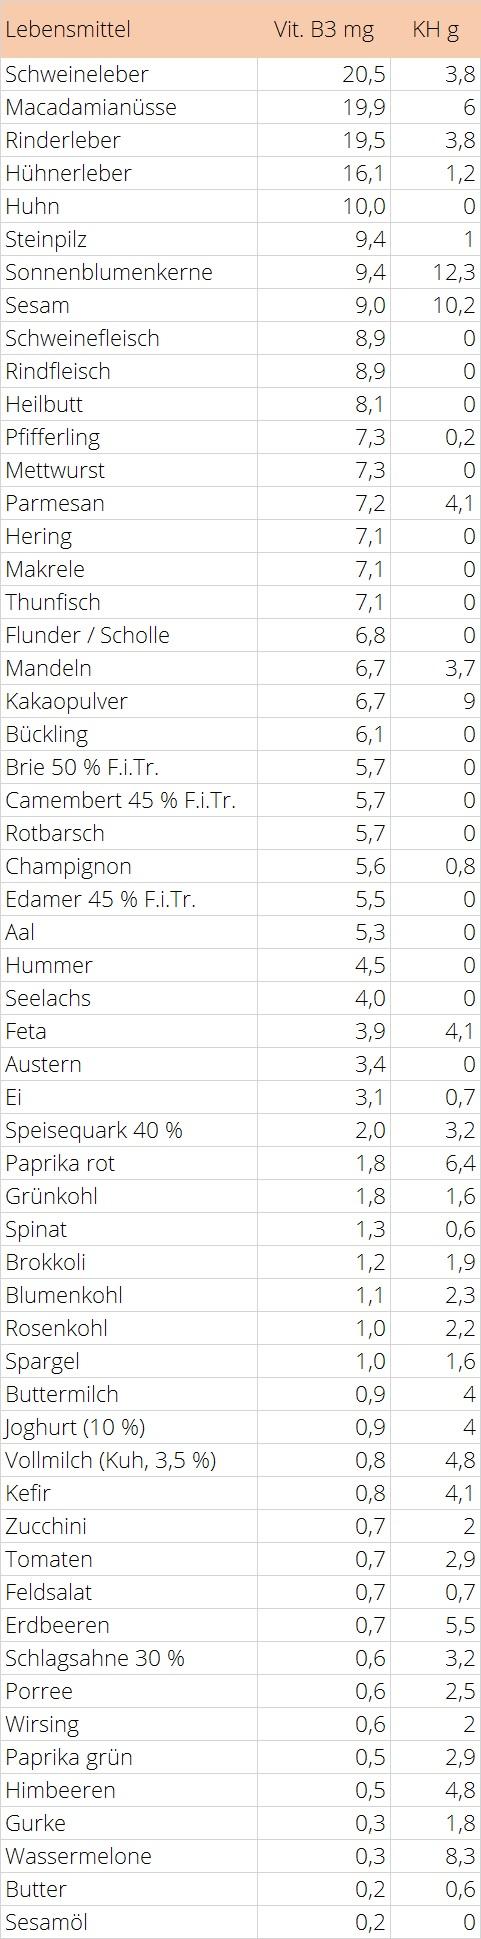 Vitamin B3 Tabelle LCHF Lebensmittel